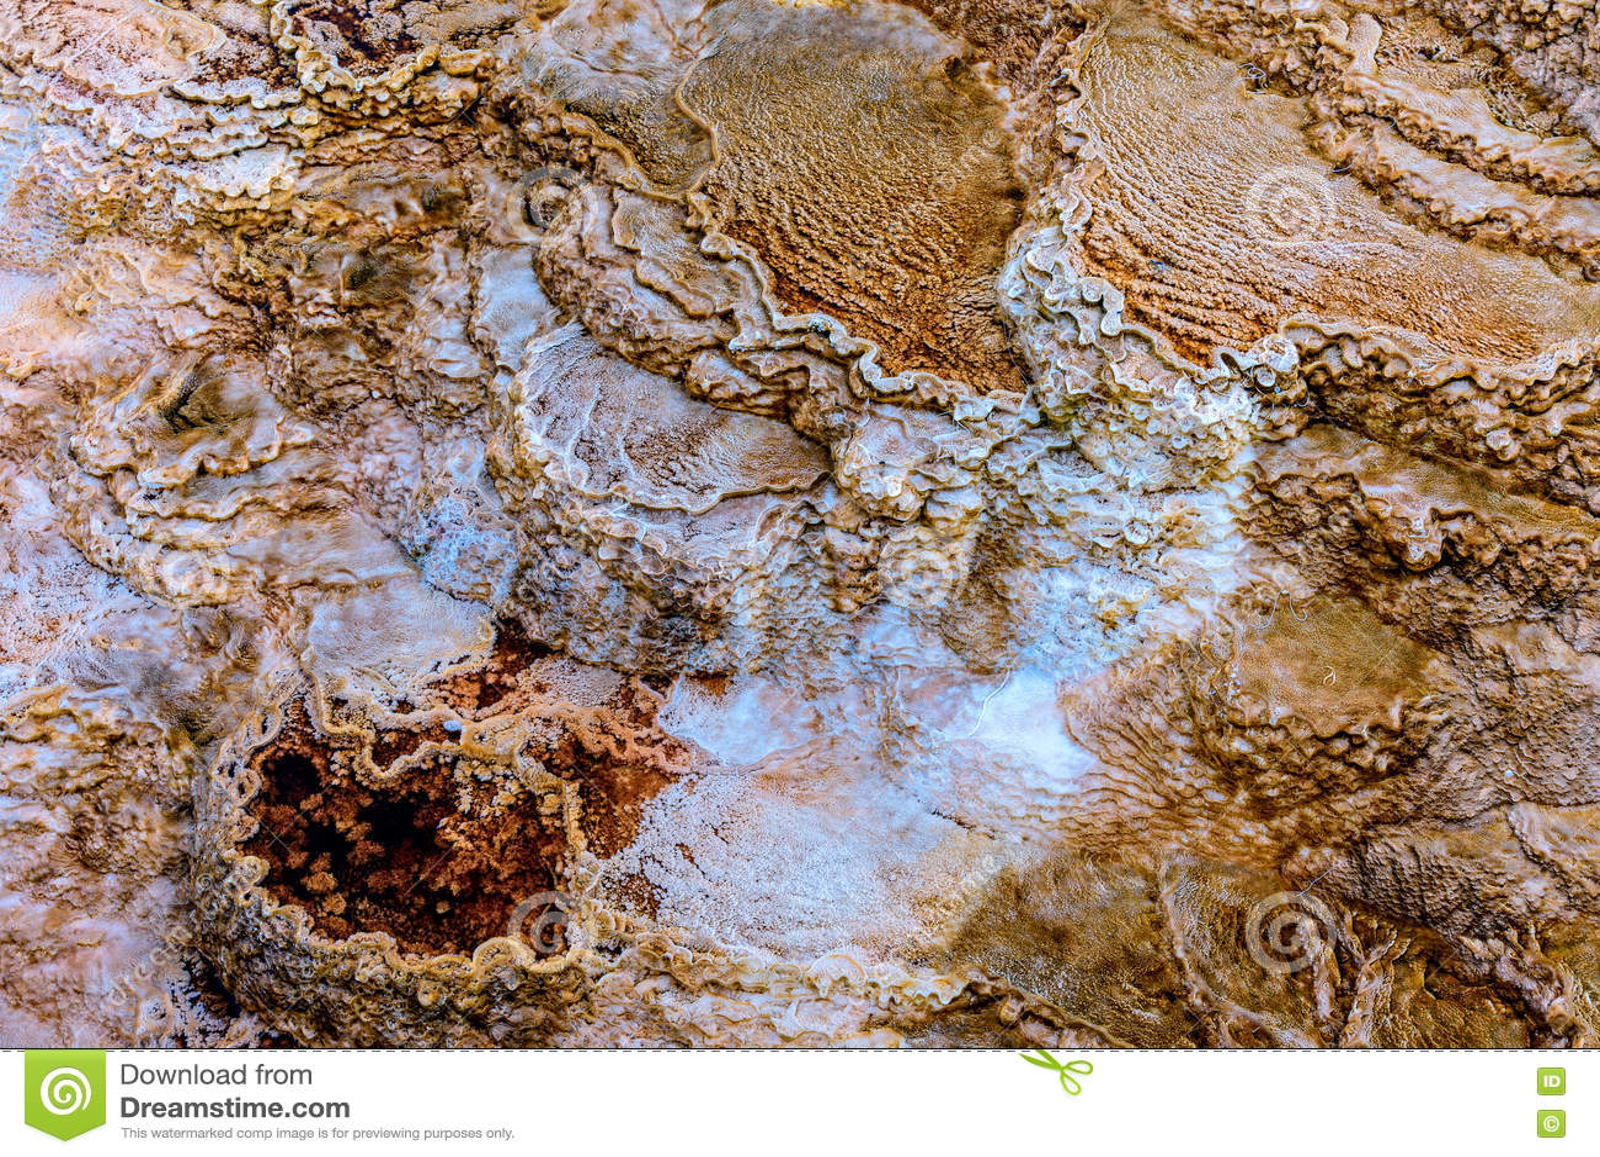 Montaña De La Terraza Piedra Caliza Y Formaciones De Roca